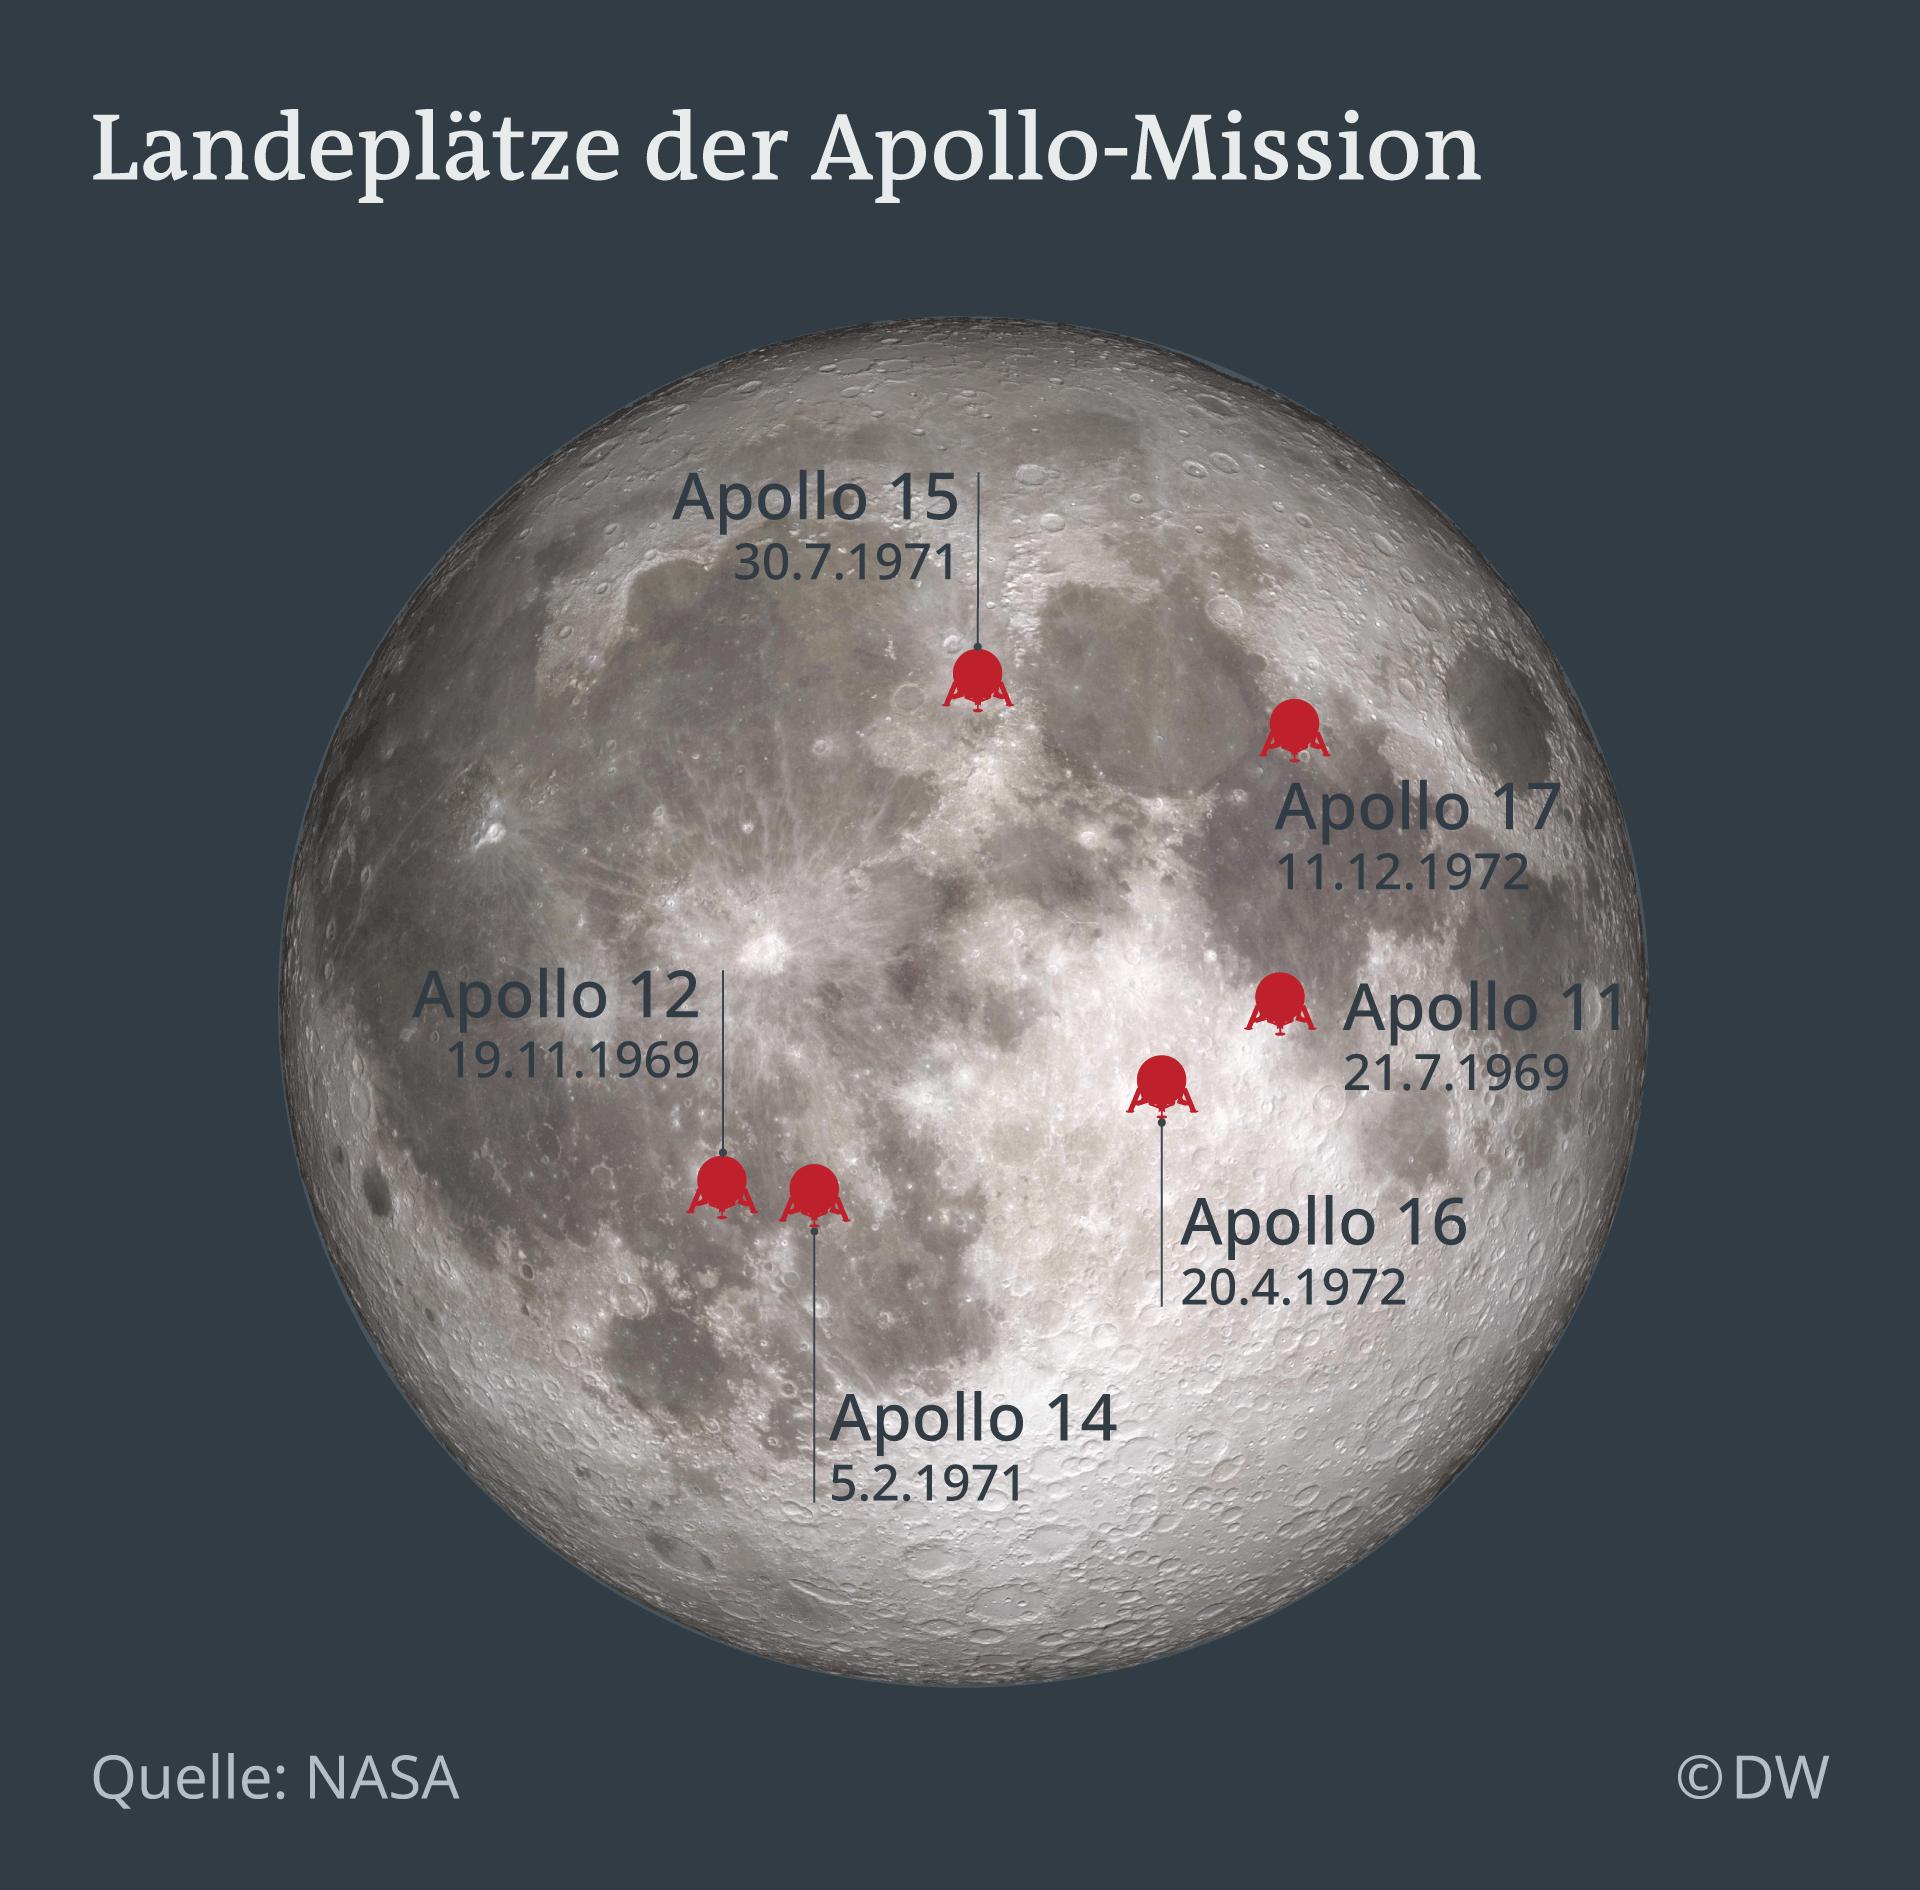 Mjesta slijetanja Apollo-misija na Mjesec